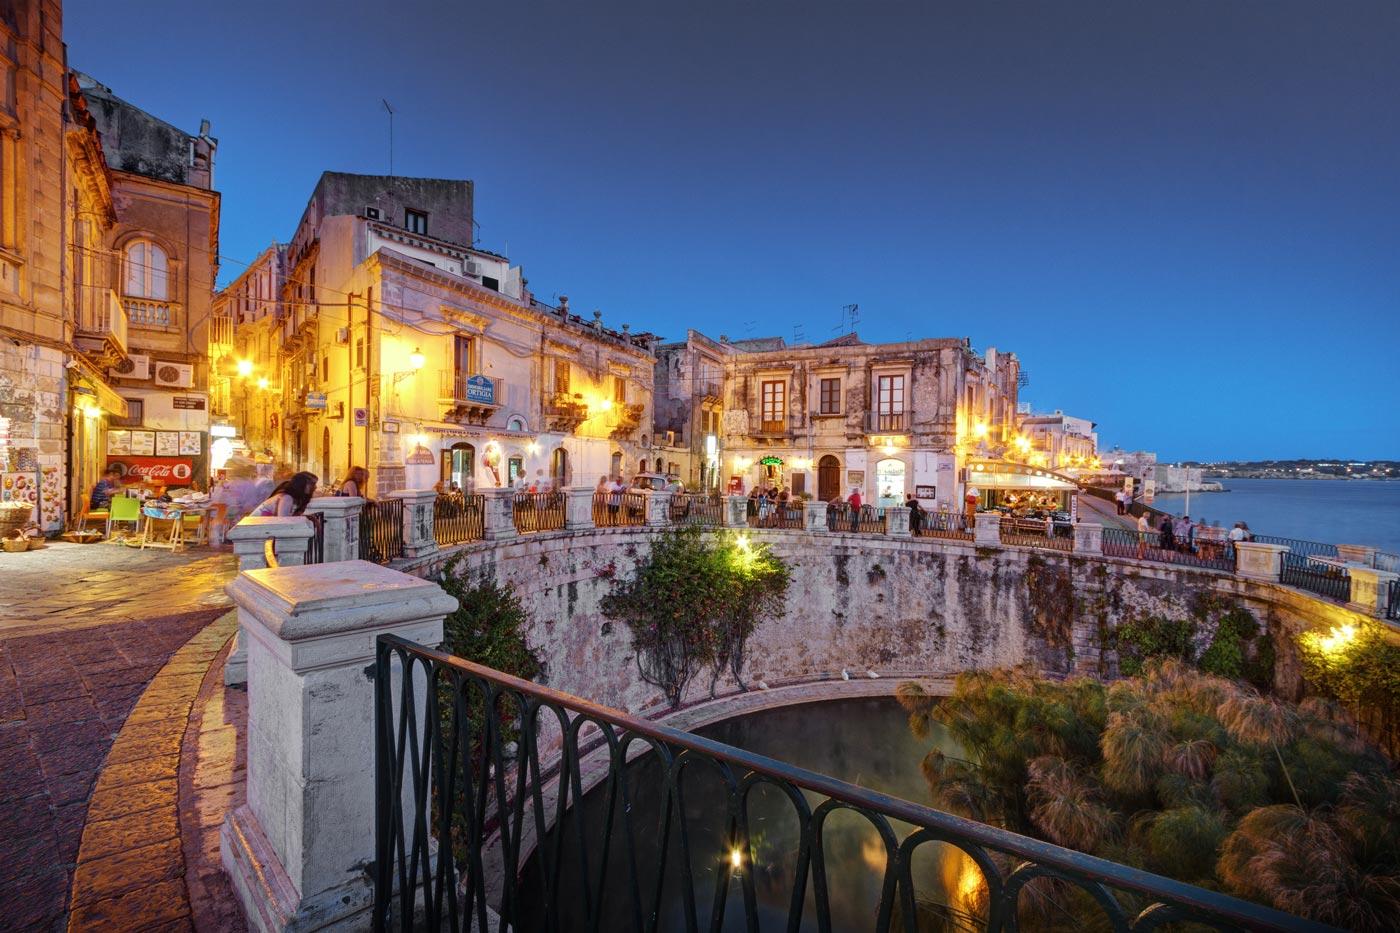 Siracusa ortigia e noto manganelli palace hotel catania for Hotel il parco siracusa